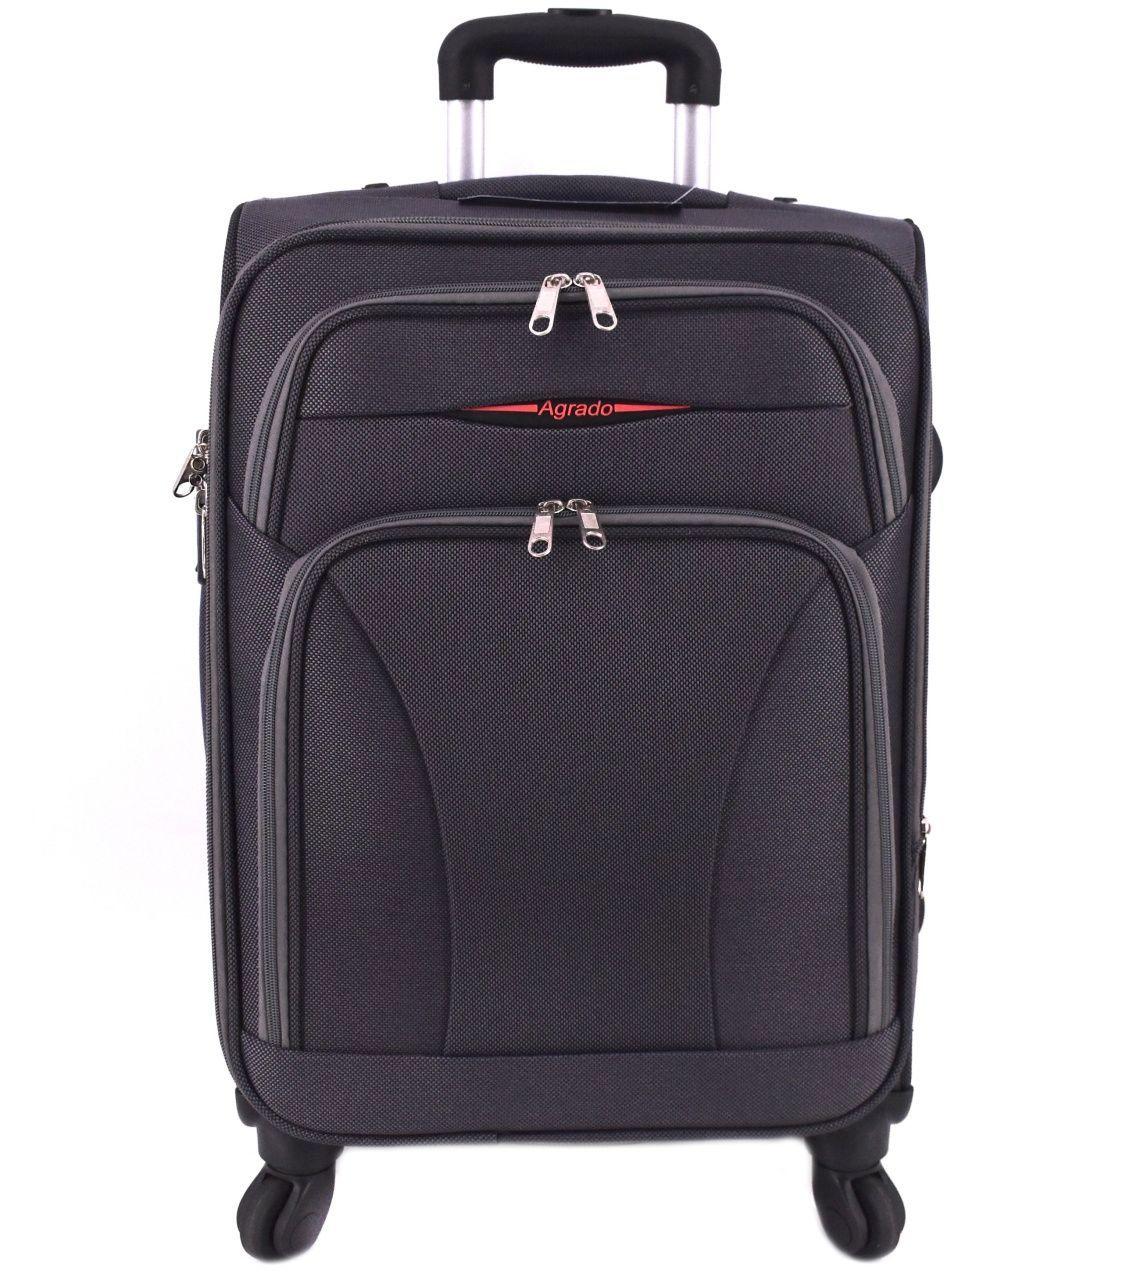 Cestovní textilní kufr na čtyřech kolečkách Agrado (S) 45l - tmavě šedá 8021 (S)